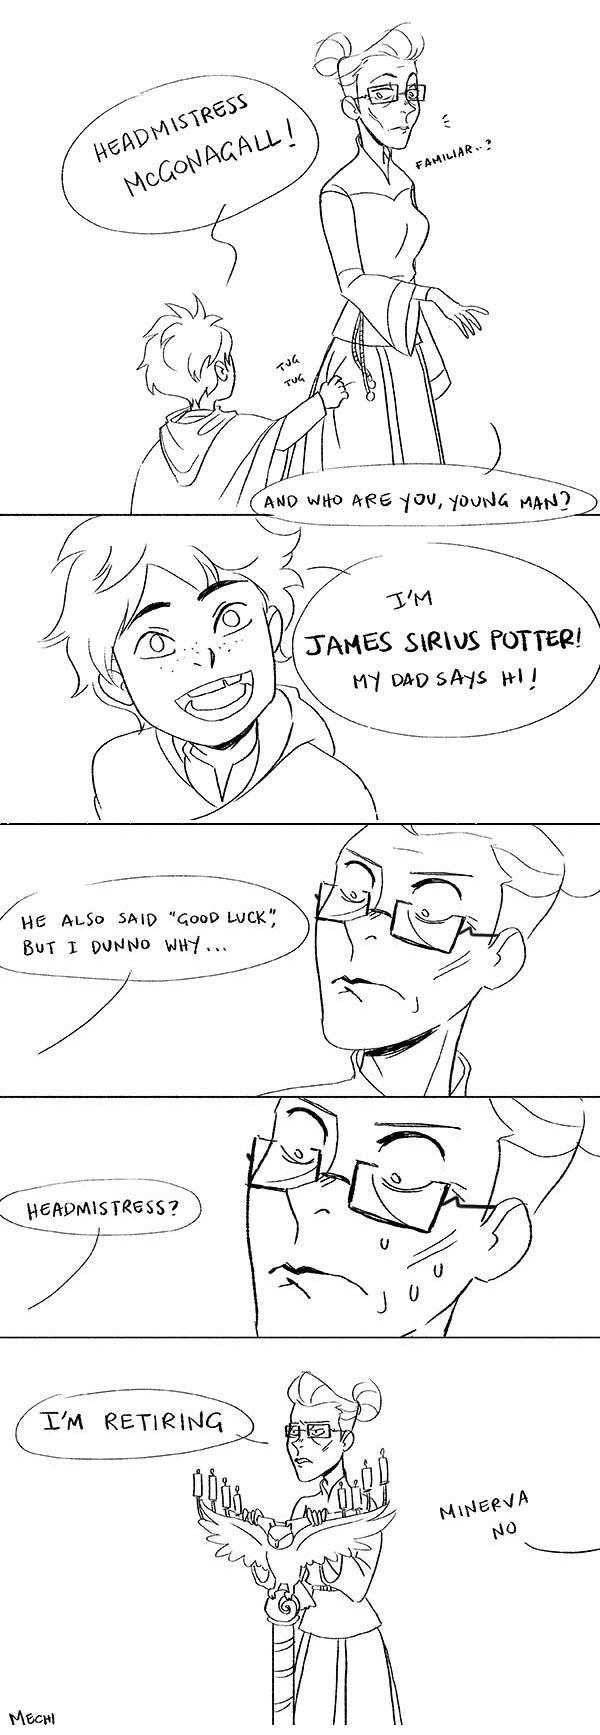 Minerva McGonagall meets James Sirius Potter